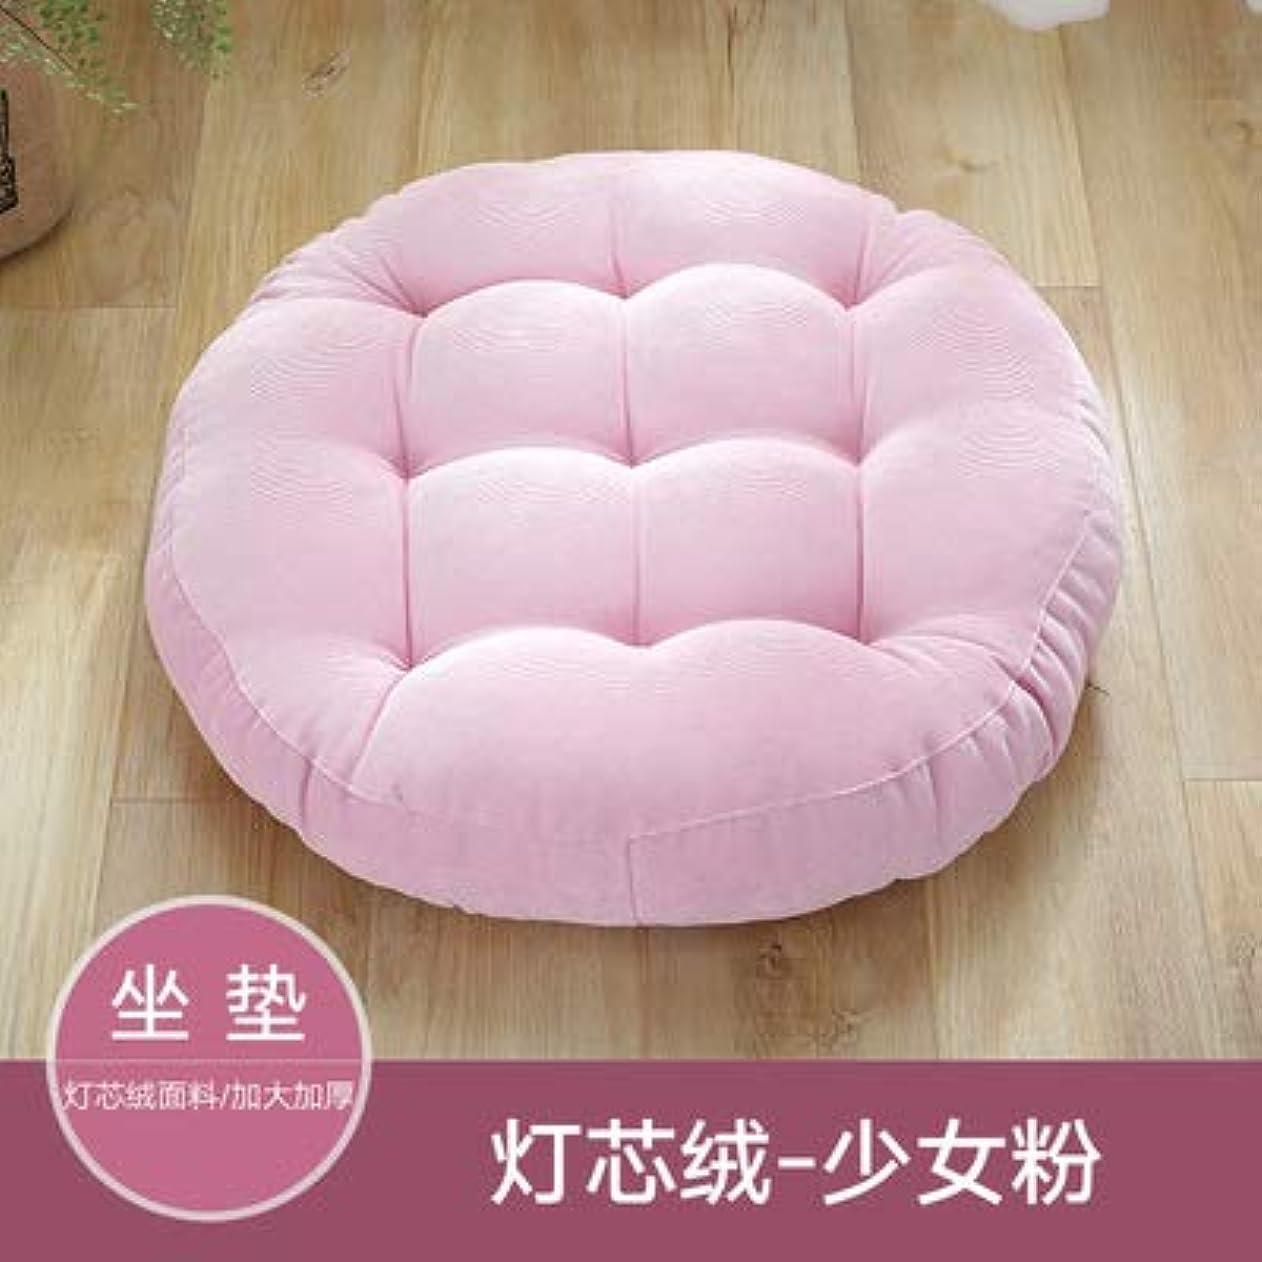 五月モニカ検出LIFE ラウンド厚い椅子のクッションフロアマットレスシートパッドソフトホームオフィスチェアクッションマットソフトスロー枕最高品質の床クッション クッション 椅子